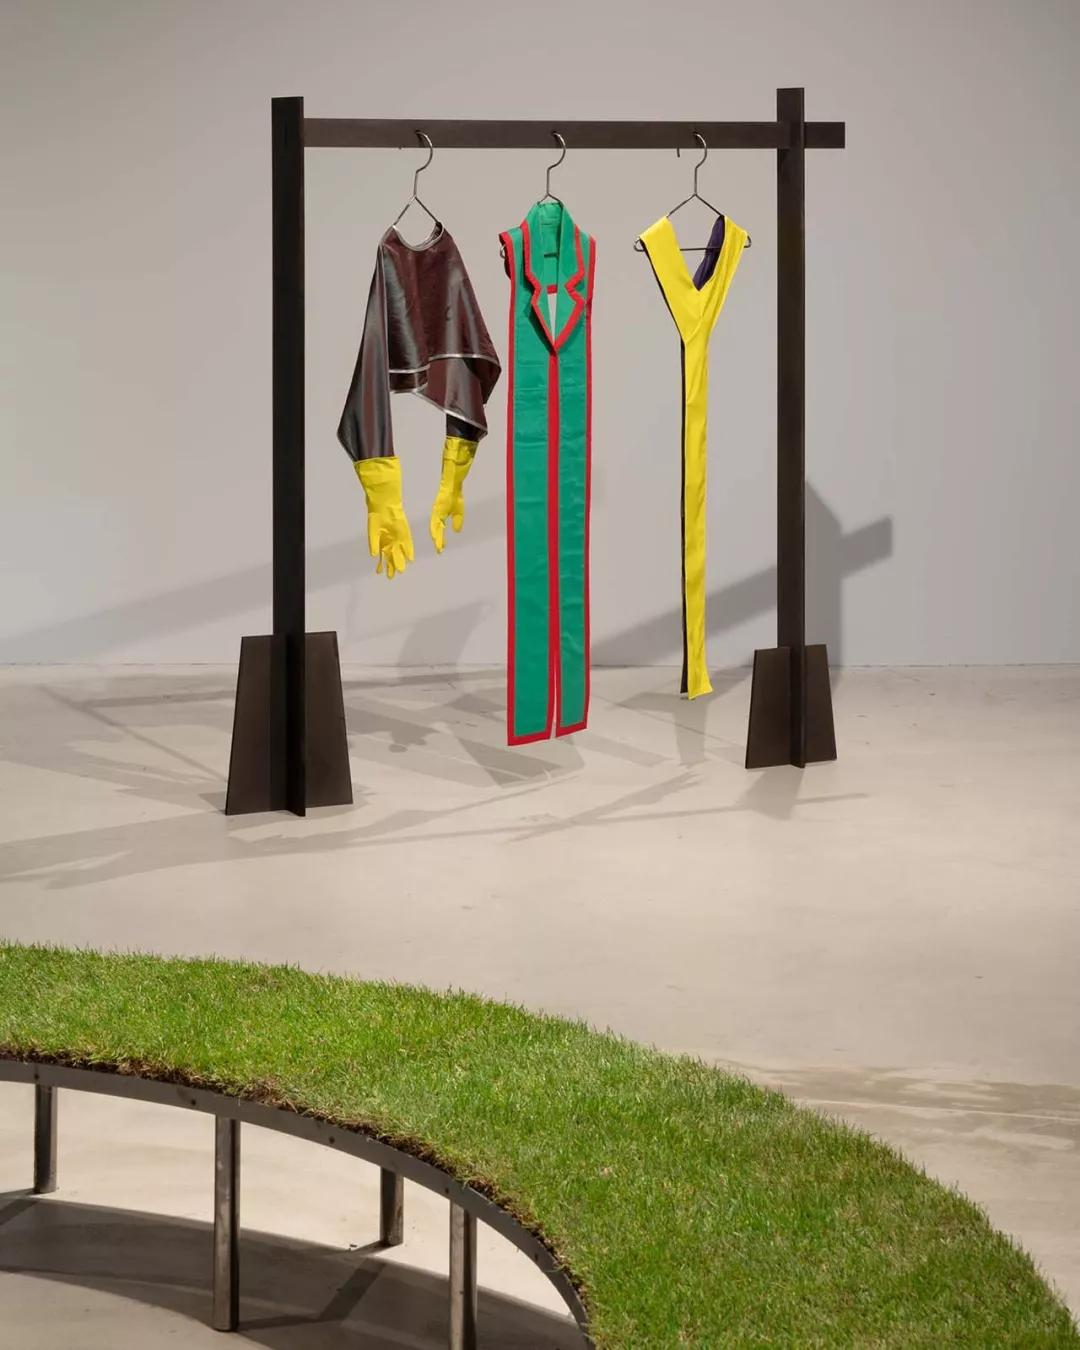 方舟现代美术馆